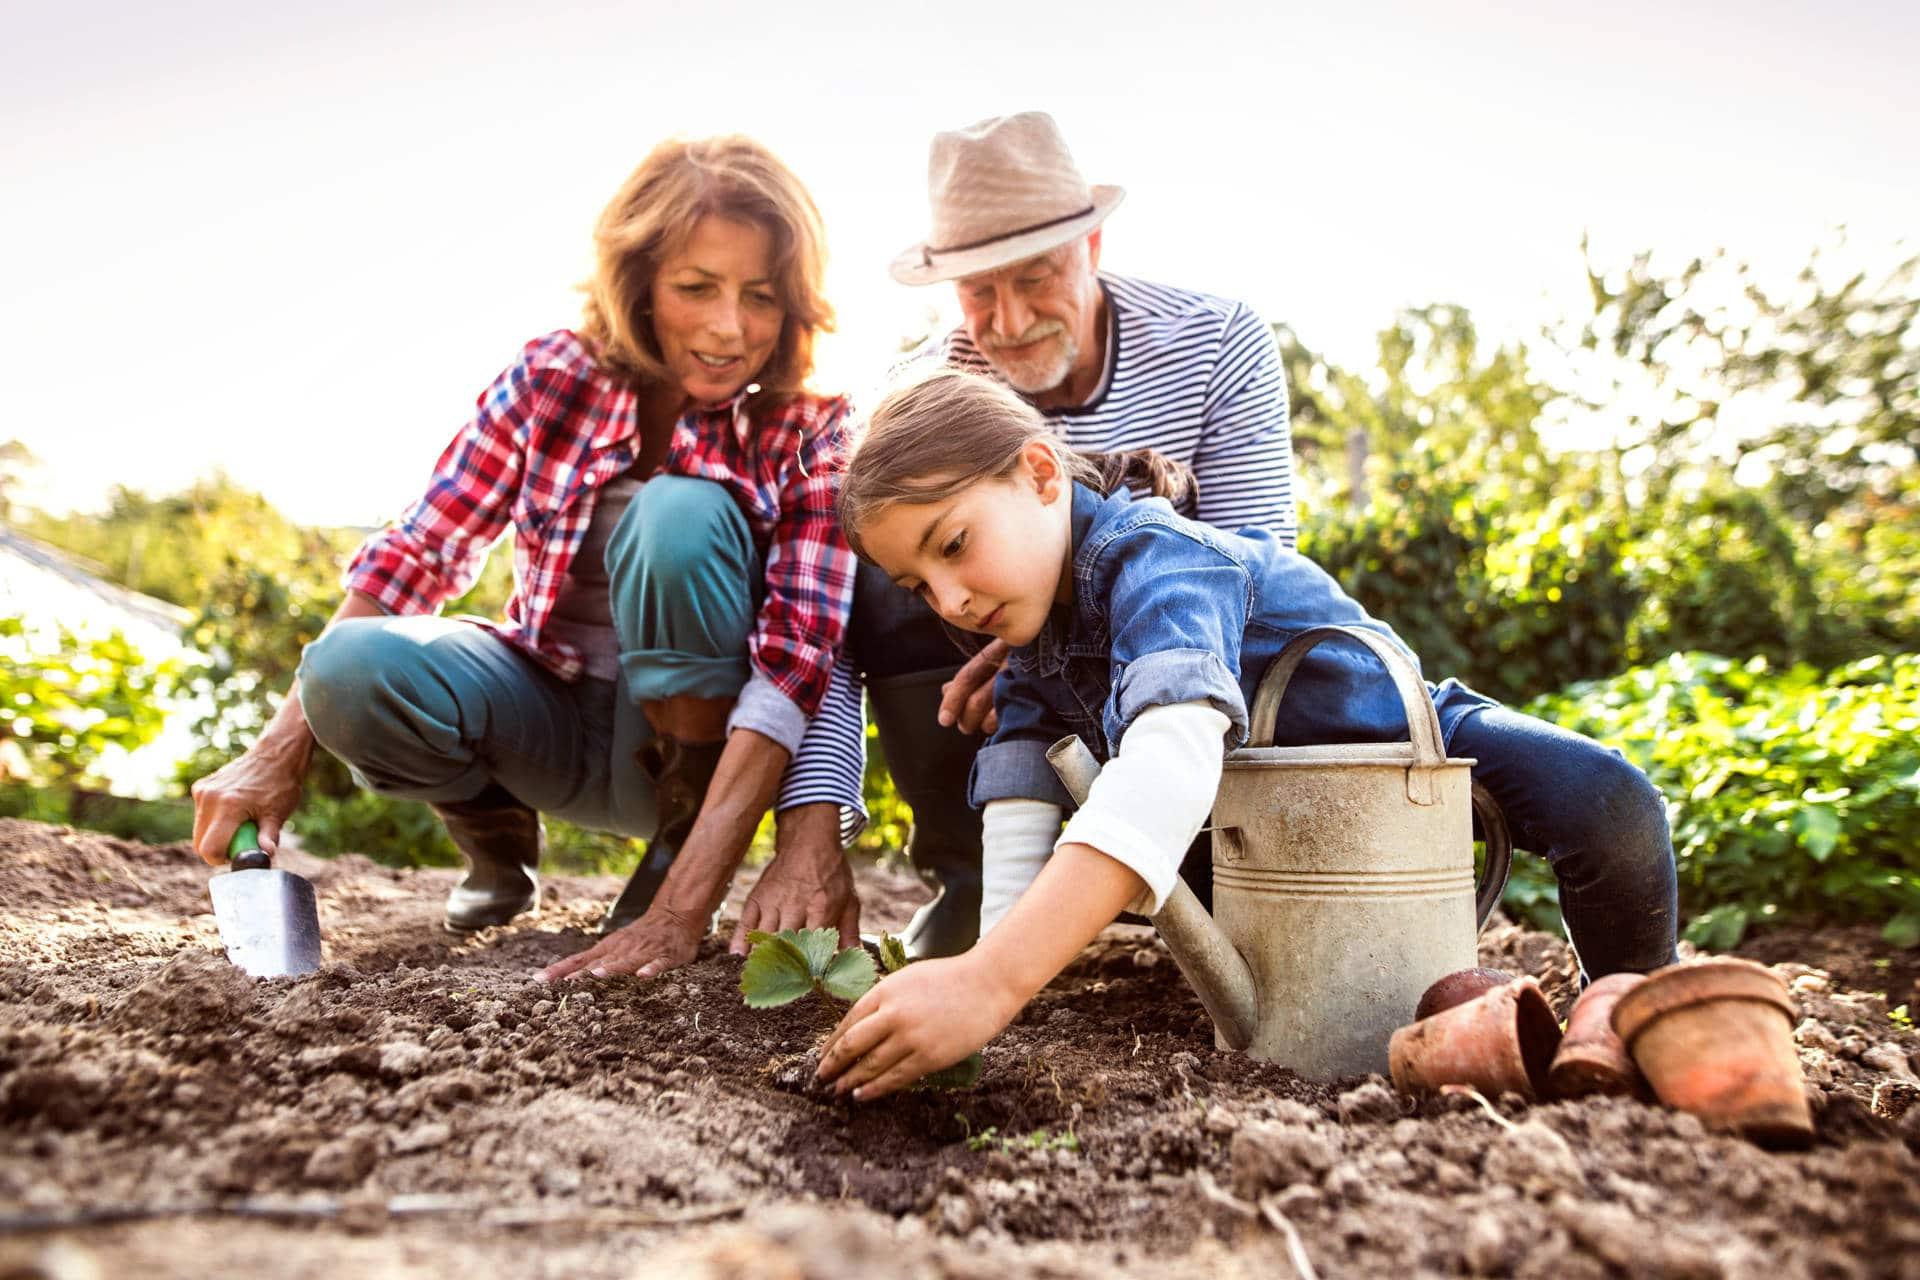 Journée de plantation participative 10.000 arbres plantés selon la méthode Miyawaki pour un nouvel espace de vie qui respire à Braine-l'Alleud.  Parce que vous aussi souhaitez un avenir tourné vers la nature et le bien-être. Parce que vous aussi pensez qu'il se construit ensemble.  Je participe !